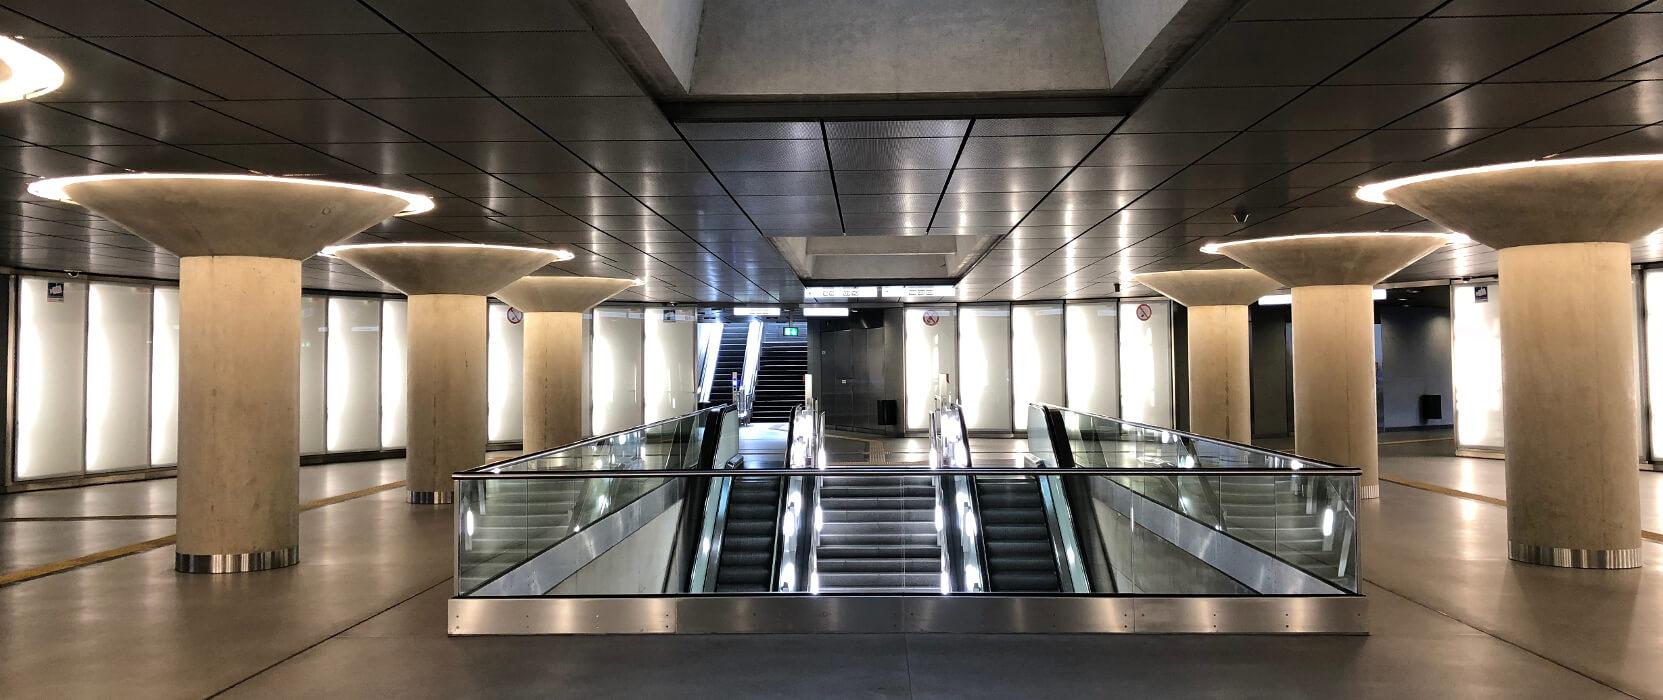 Die schönsten U-Bahn-Stationen in Köln | Chlodwigplatz, ©Ralf Johnen